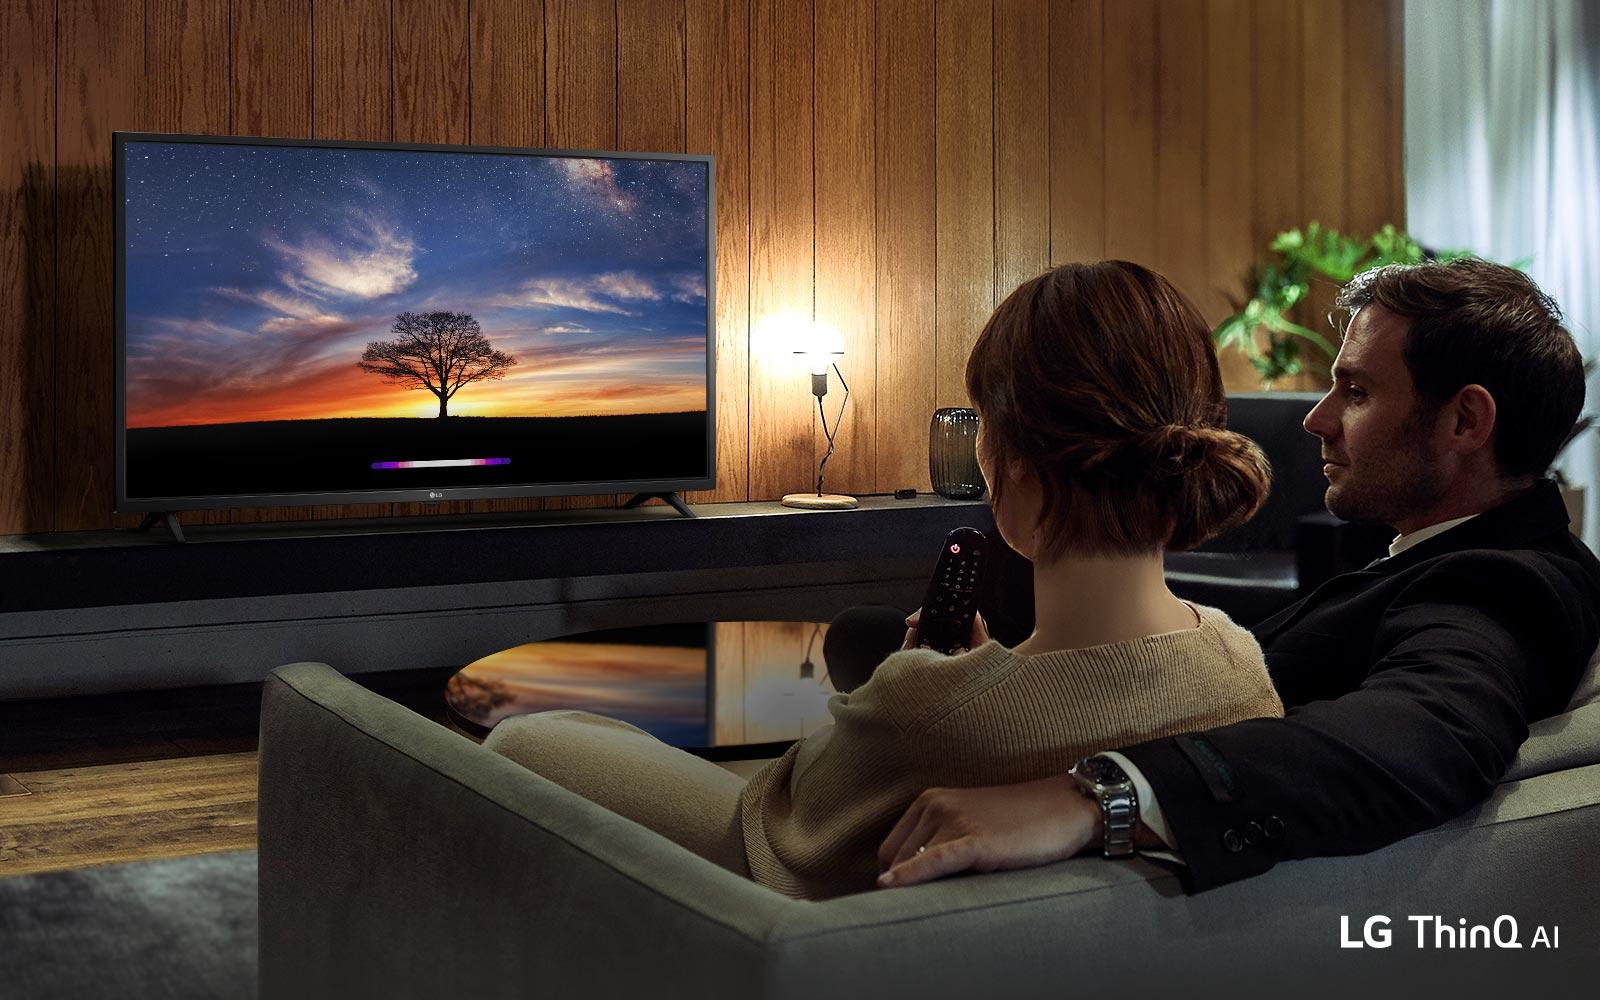 TV-UHD-86-UM75-01-AI-Desktop